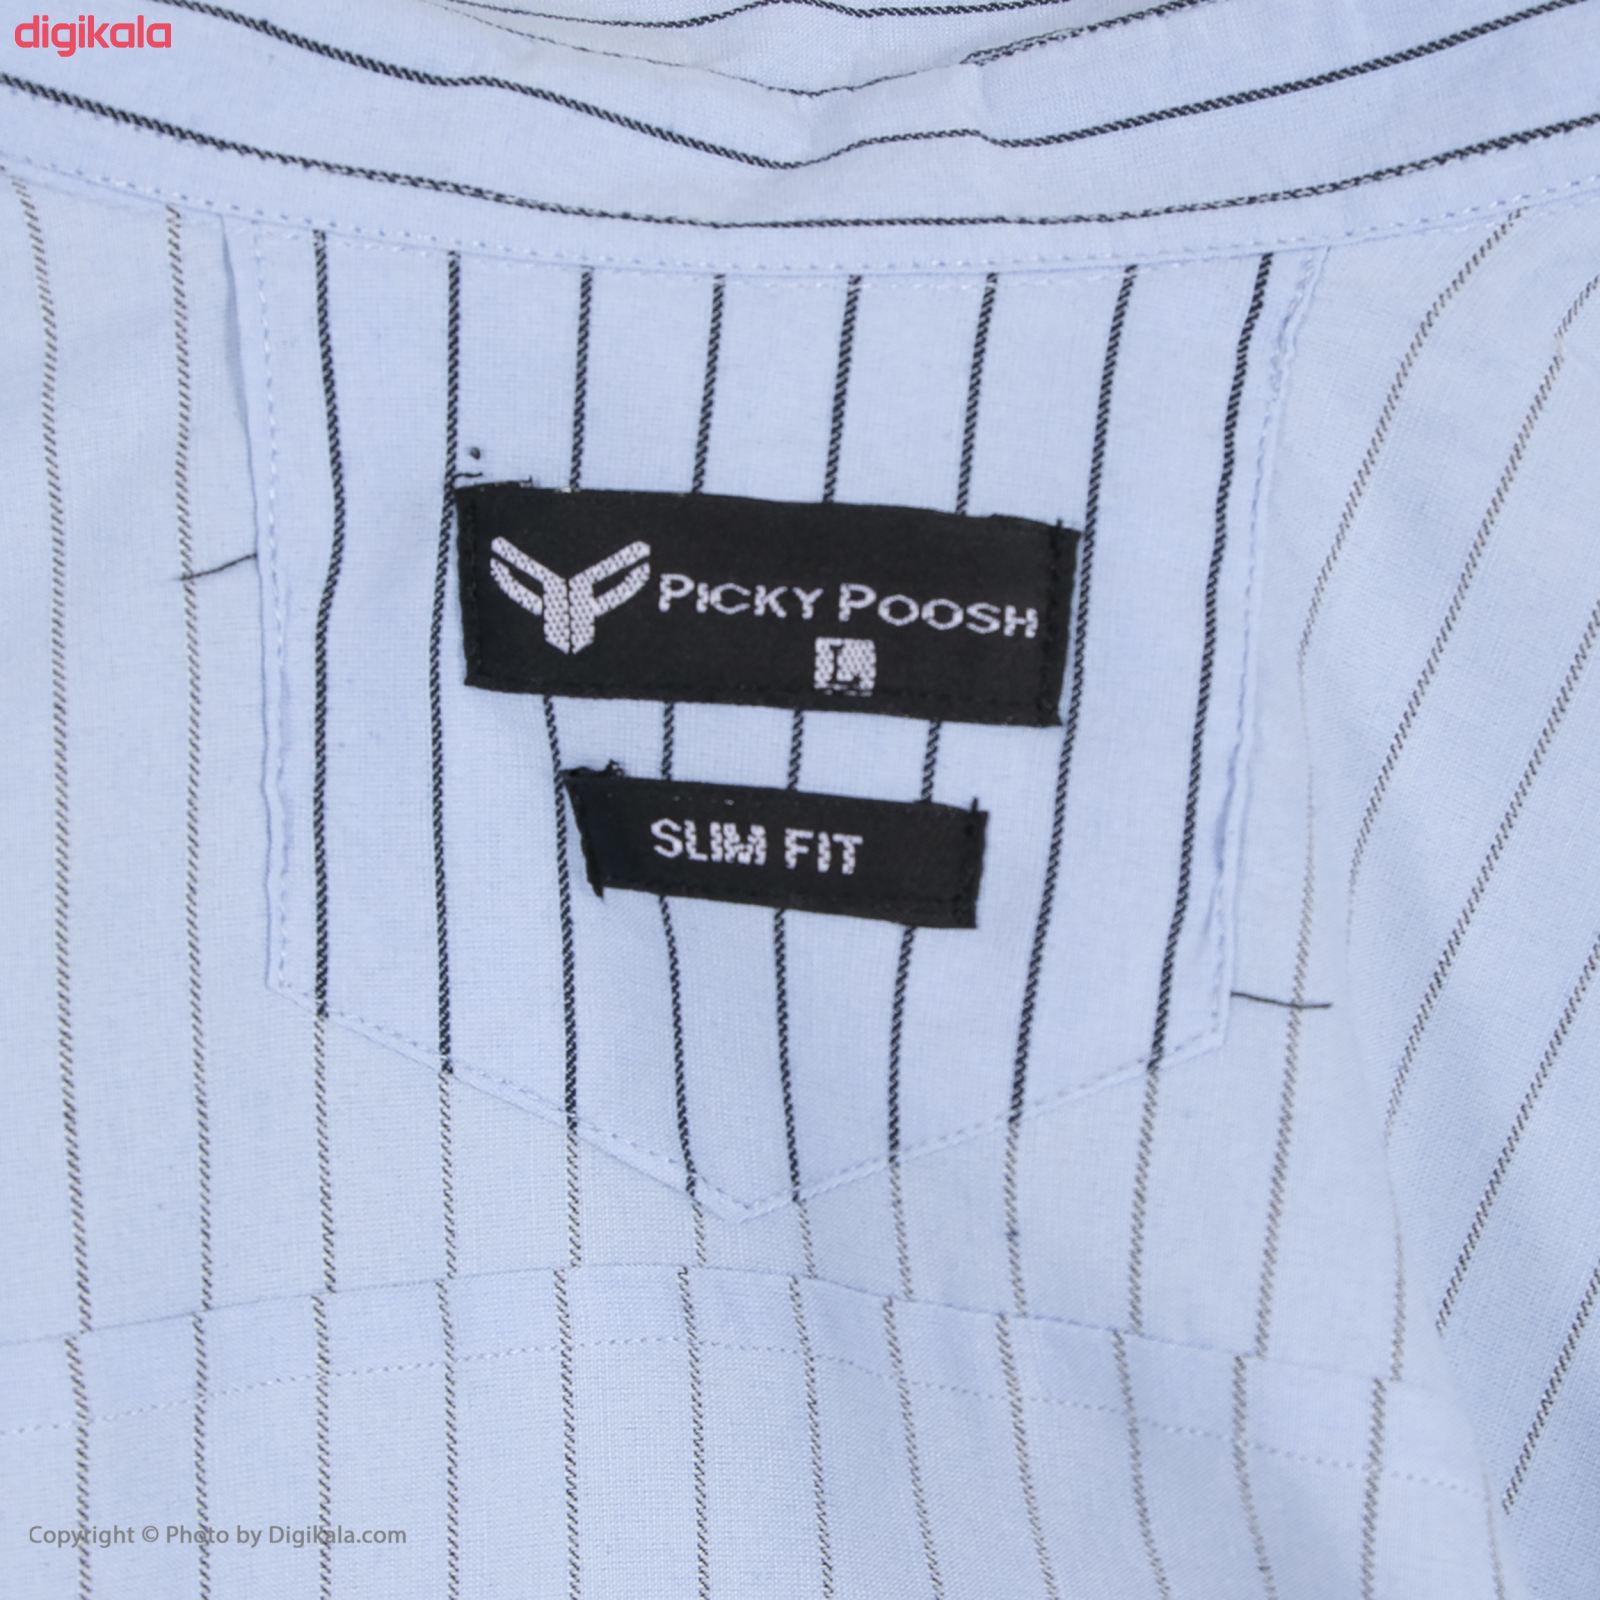 پیراهن مردانه پیکی پوش مدل M02347 main 1 6